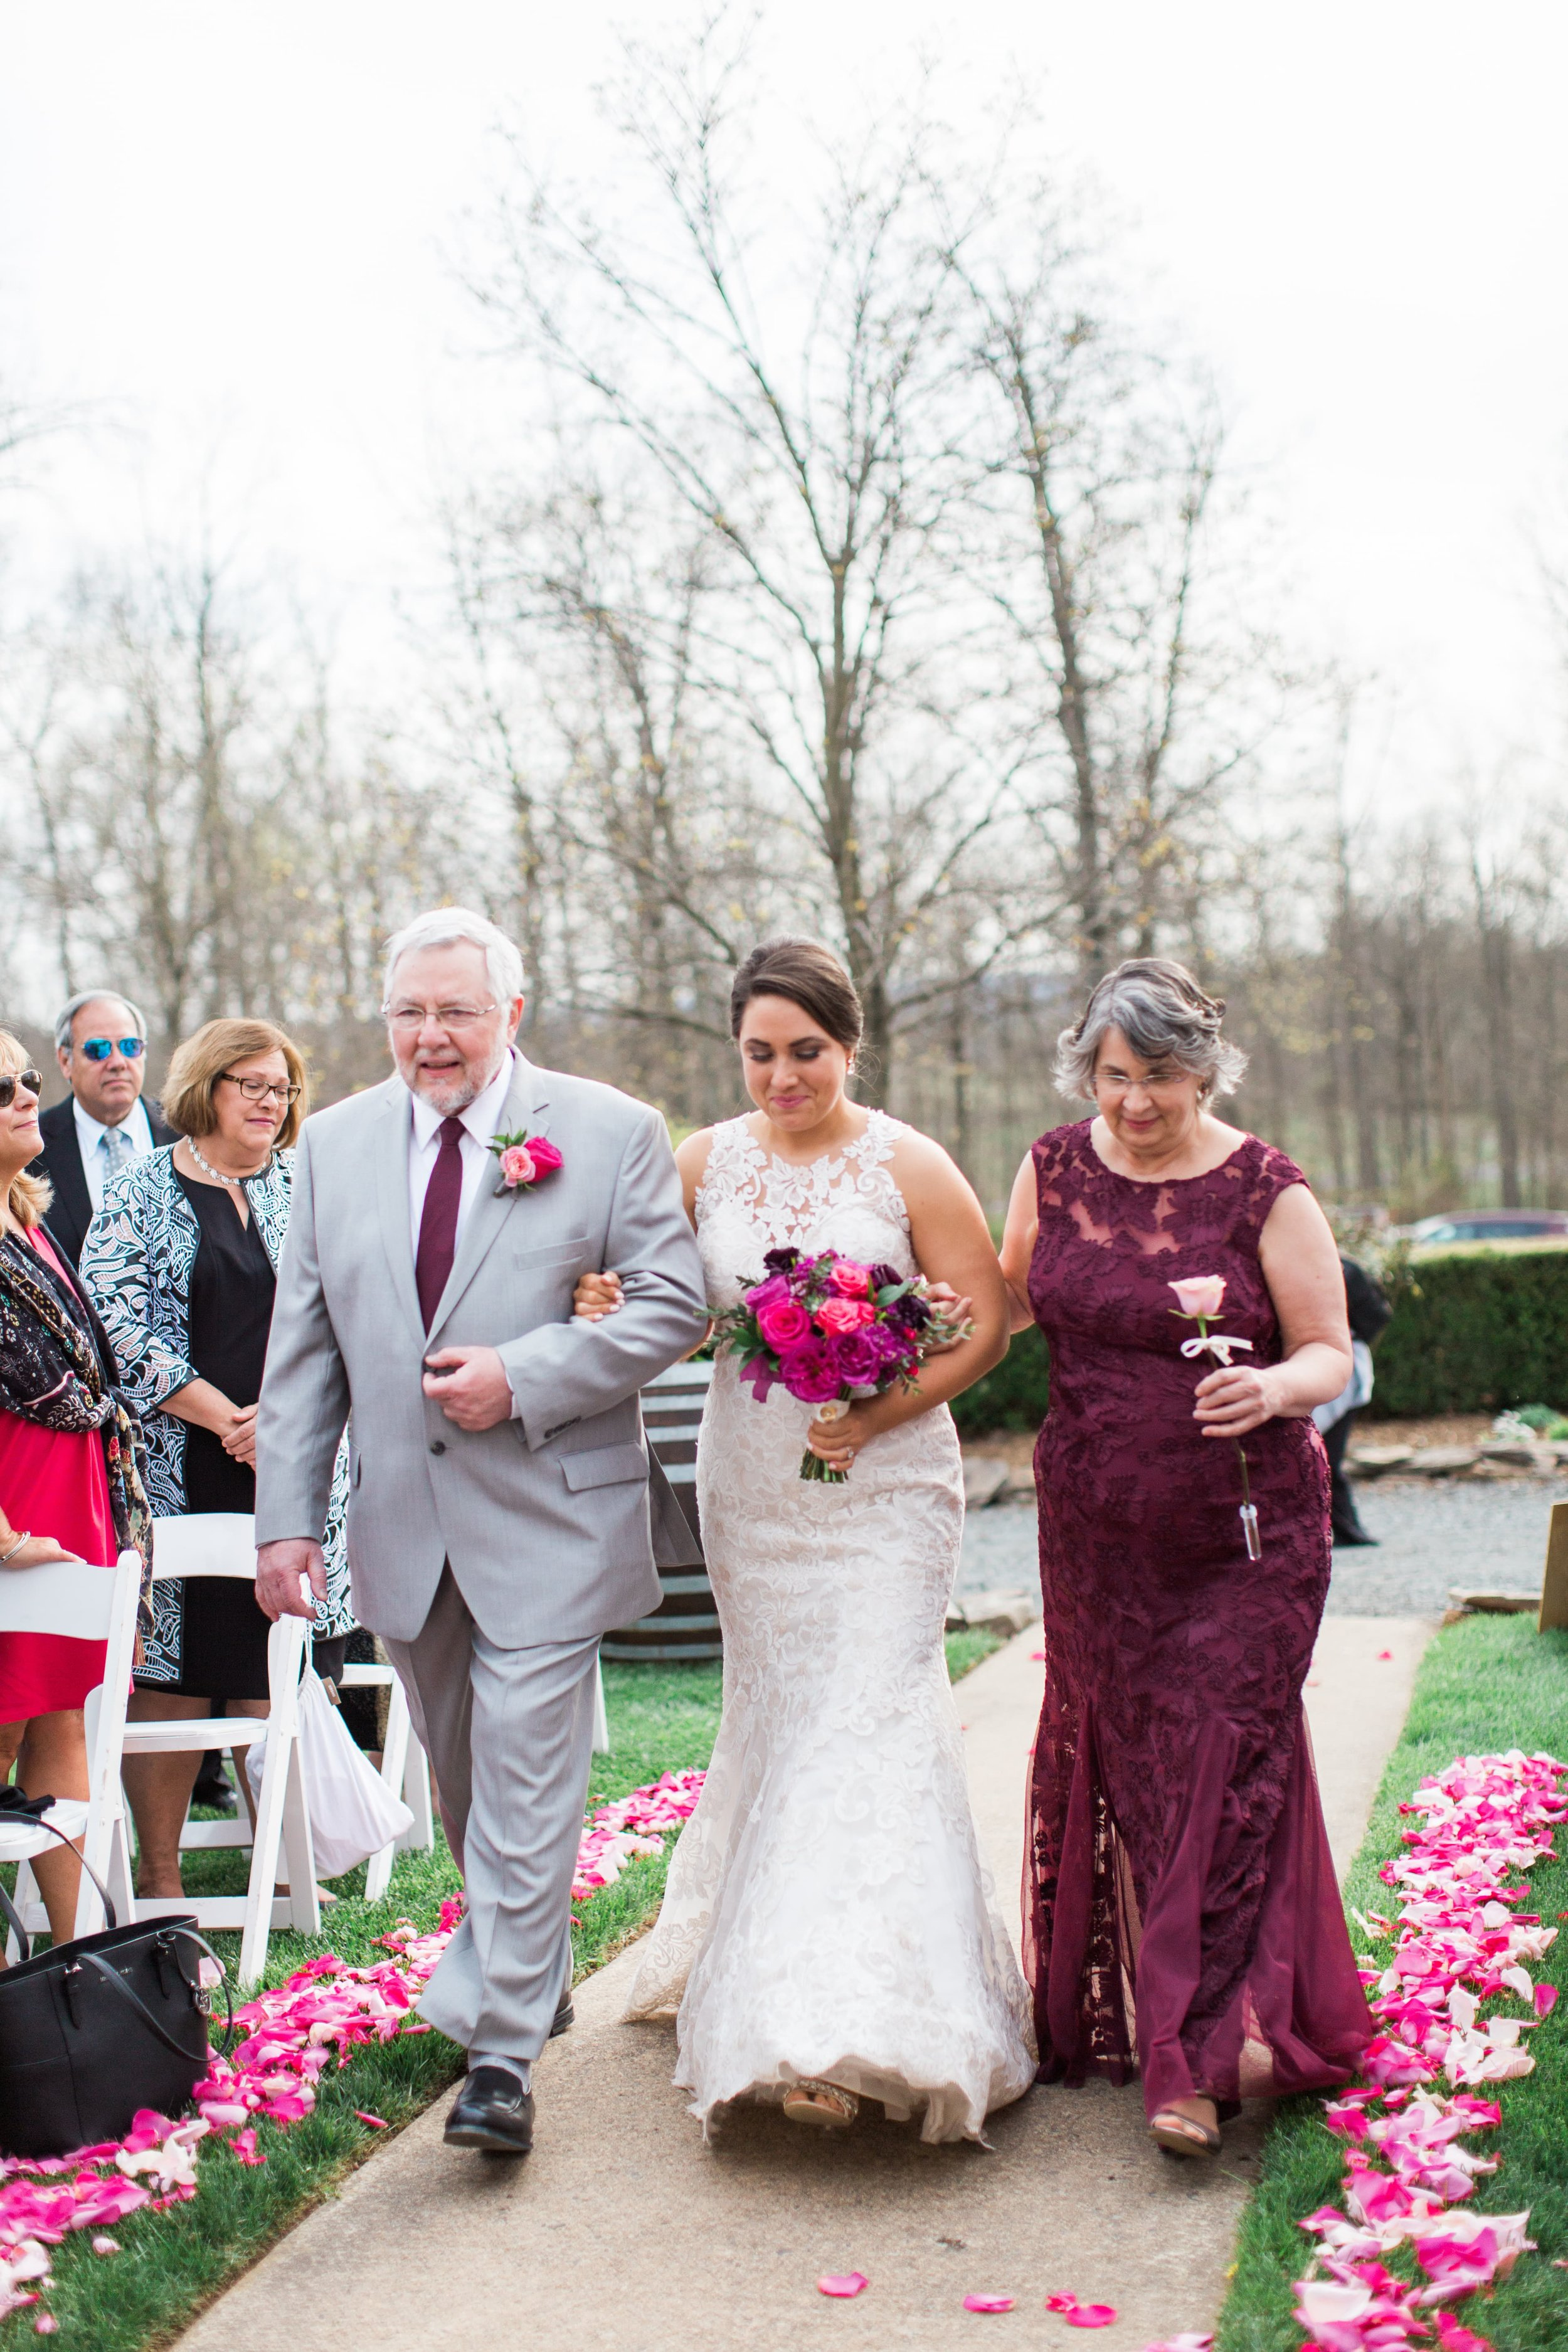 Lost Creek Winery Wedding JR Flowers_(13)-min.jpg